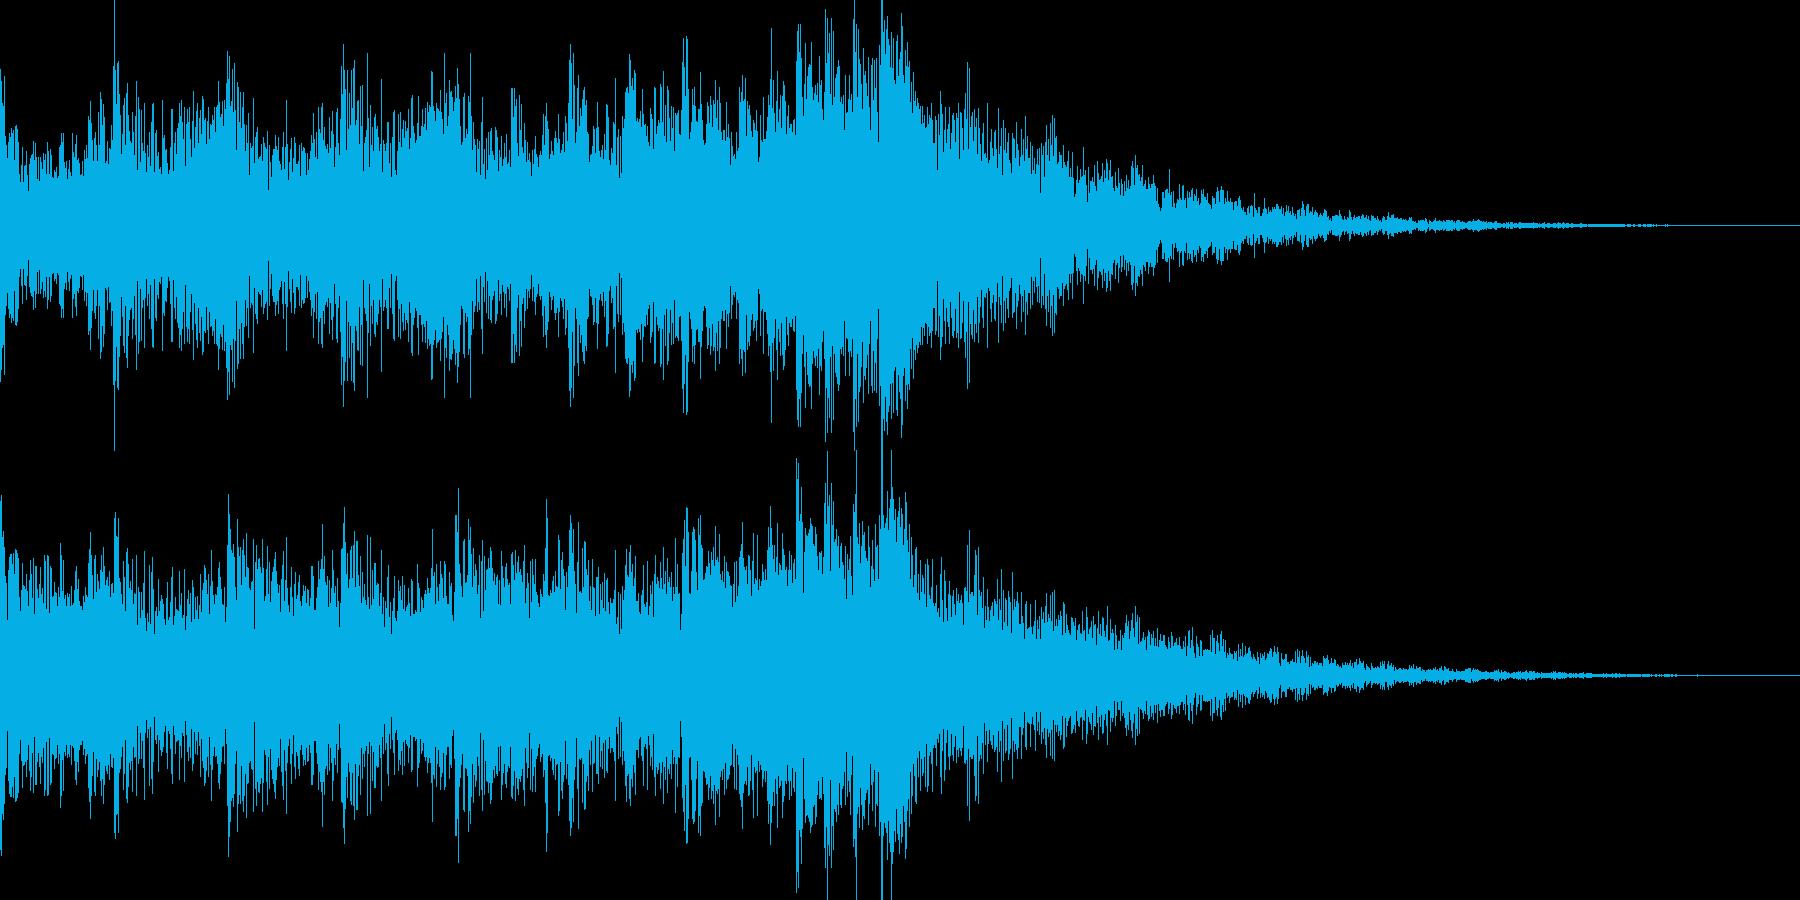 シリアスなシーンに合うEDMジングルの再生済みの波形